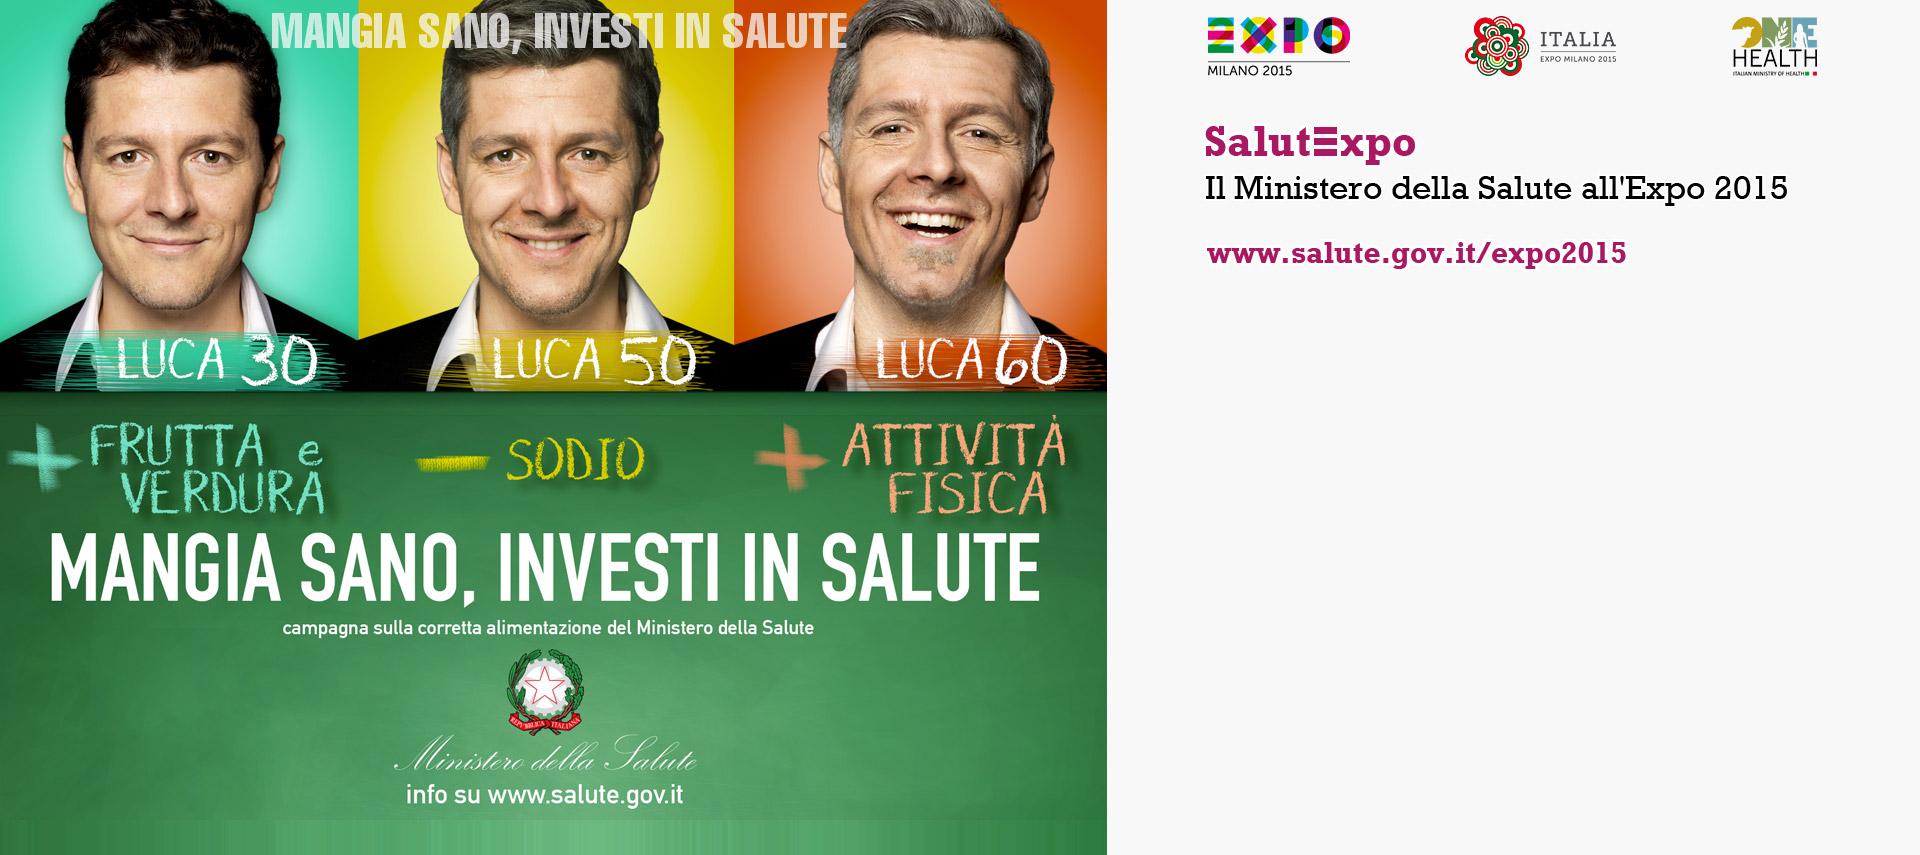 SalutExpo - Il Ministero della Salute all'Expo 2015 - Notizie, Video, Foto, Opuscoli